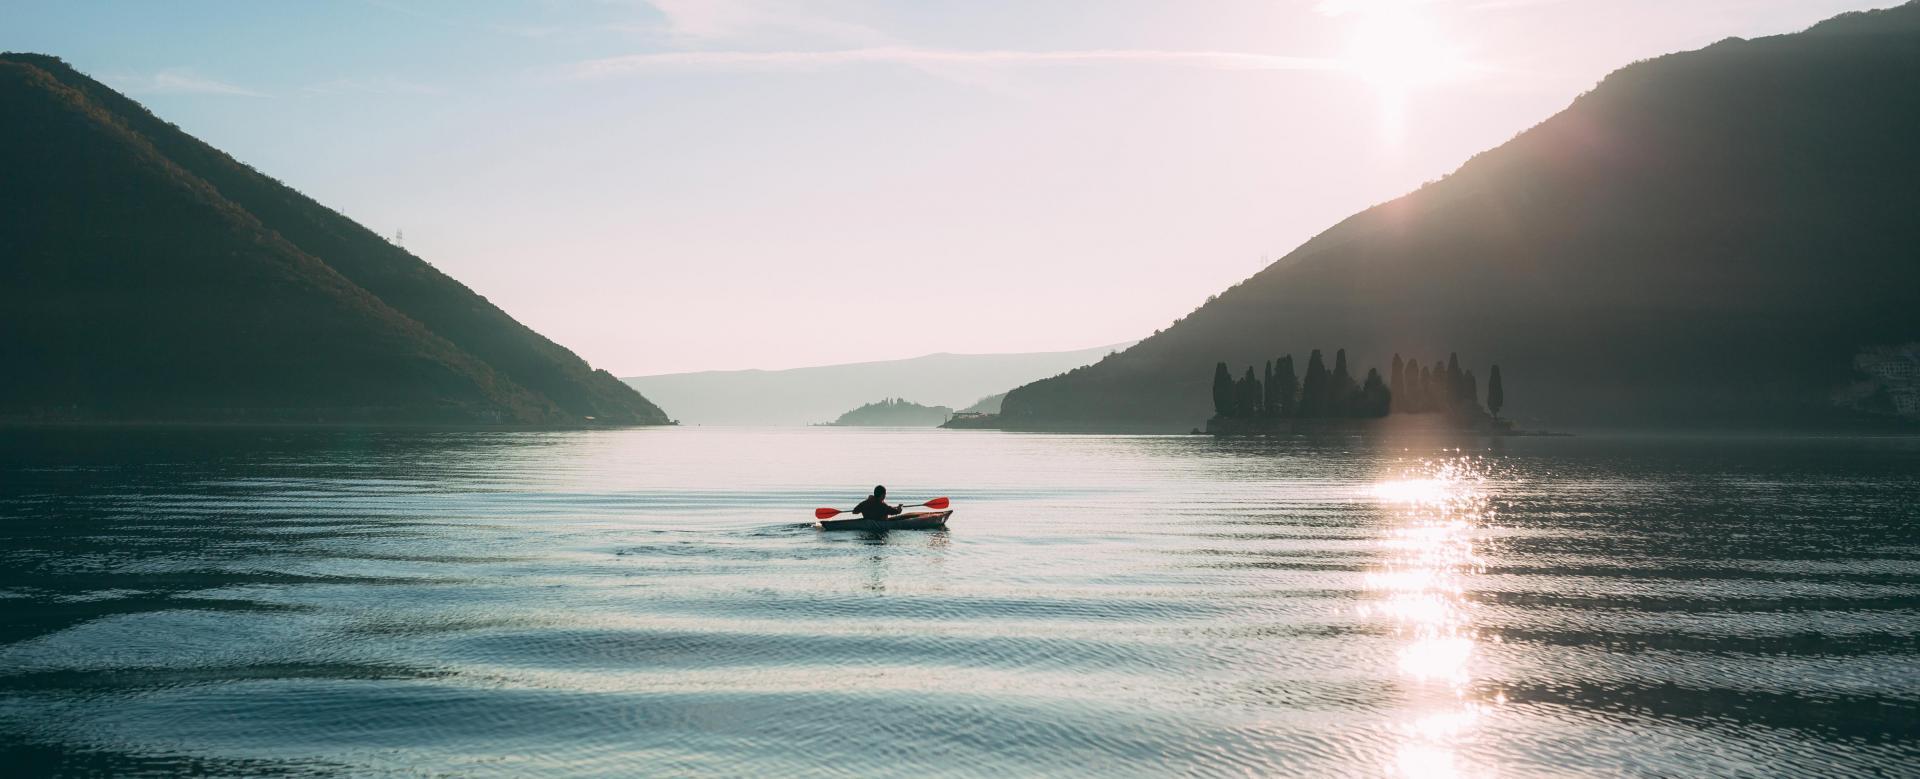 Voyage sur l'eau : Rando-kayak en baie georgienne